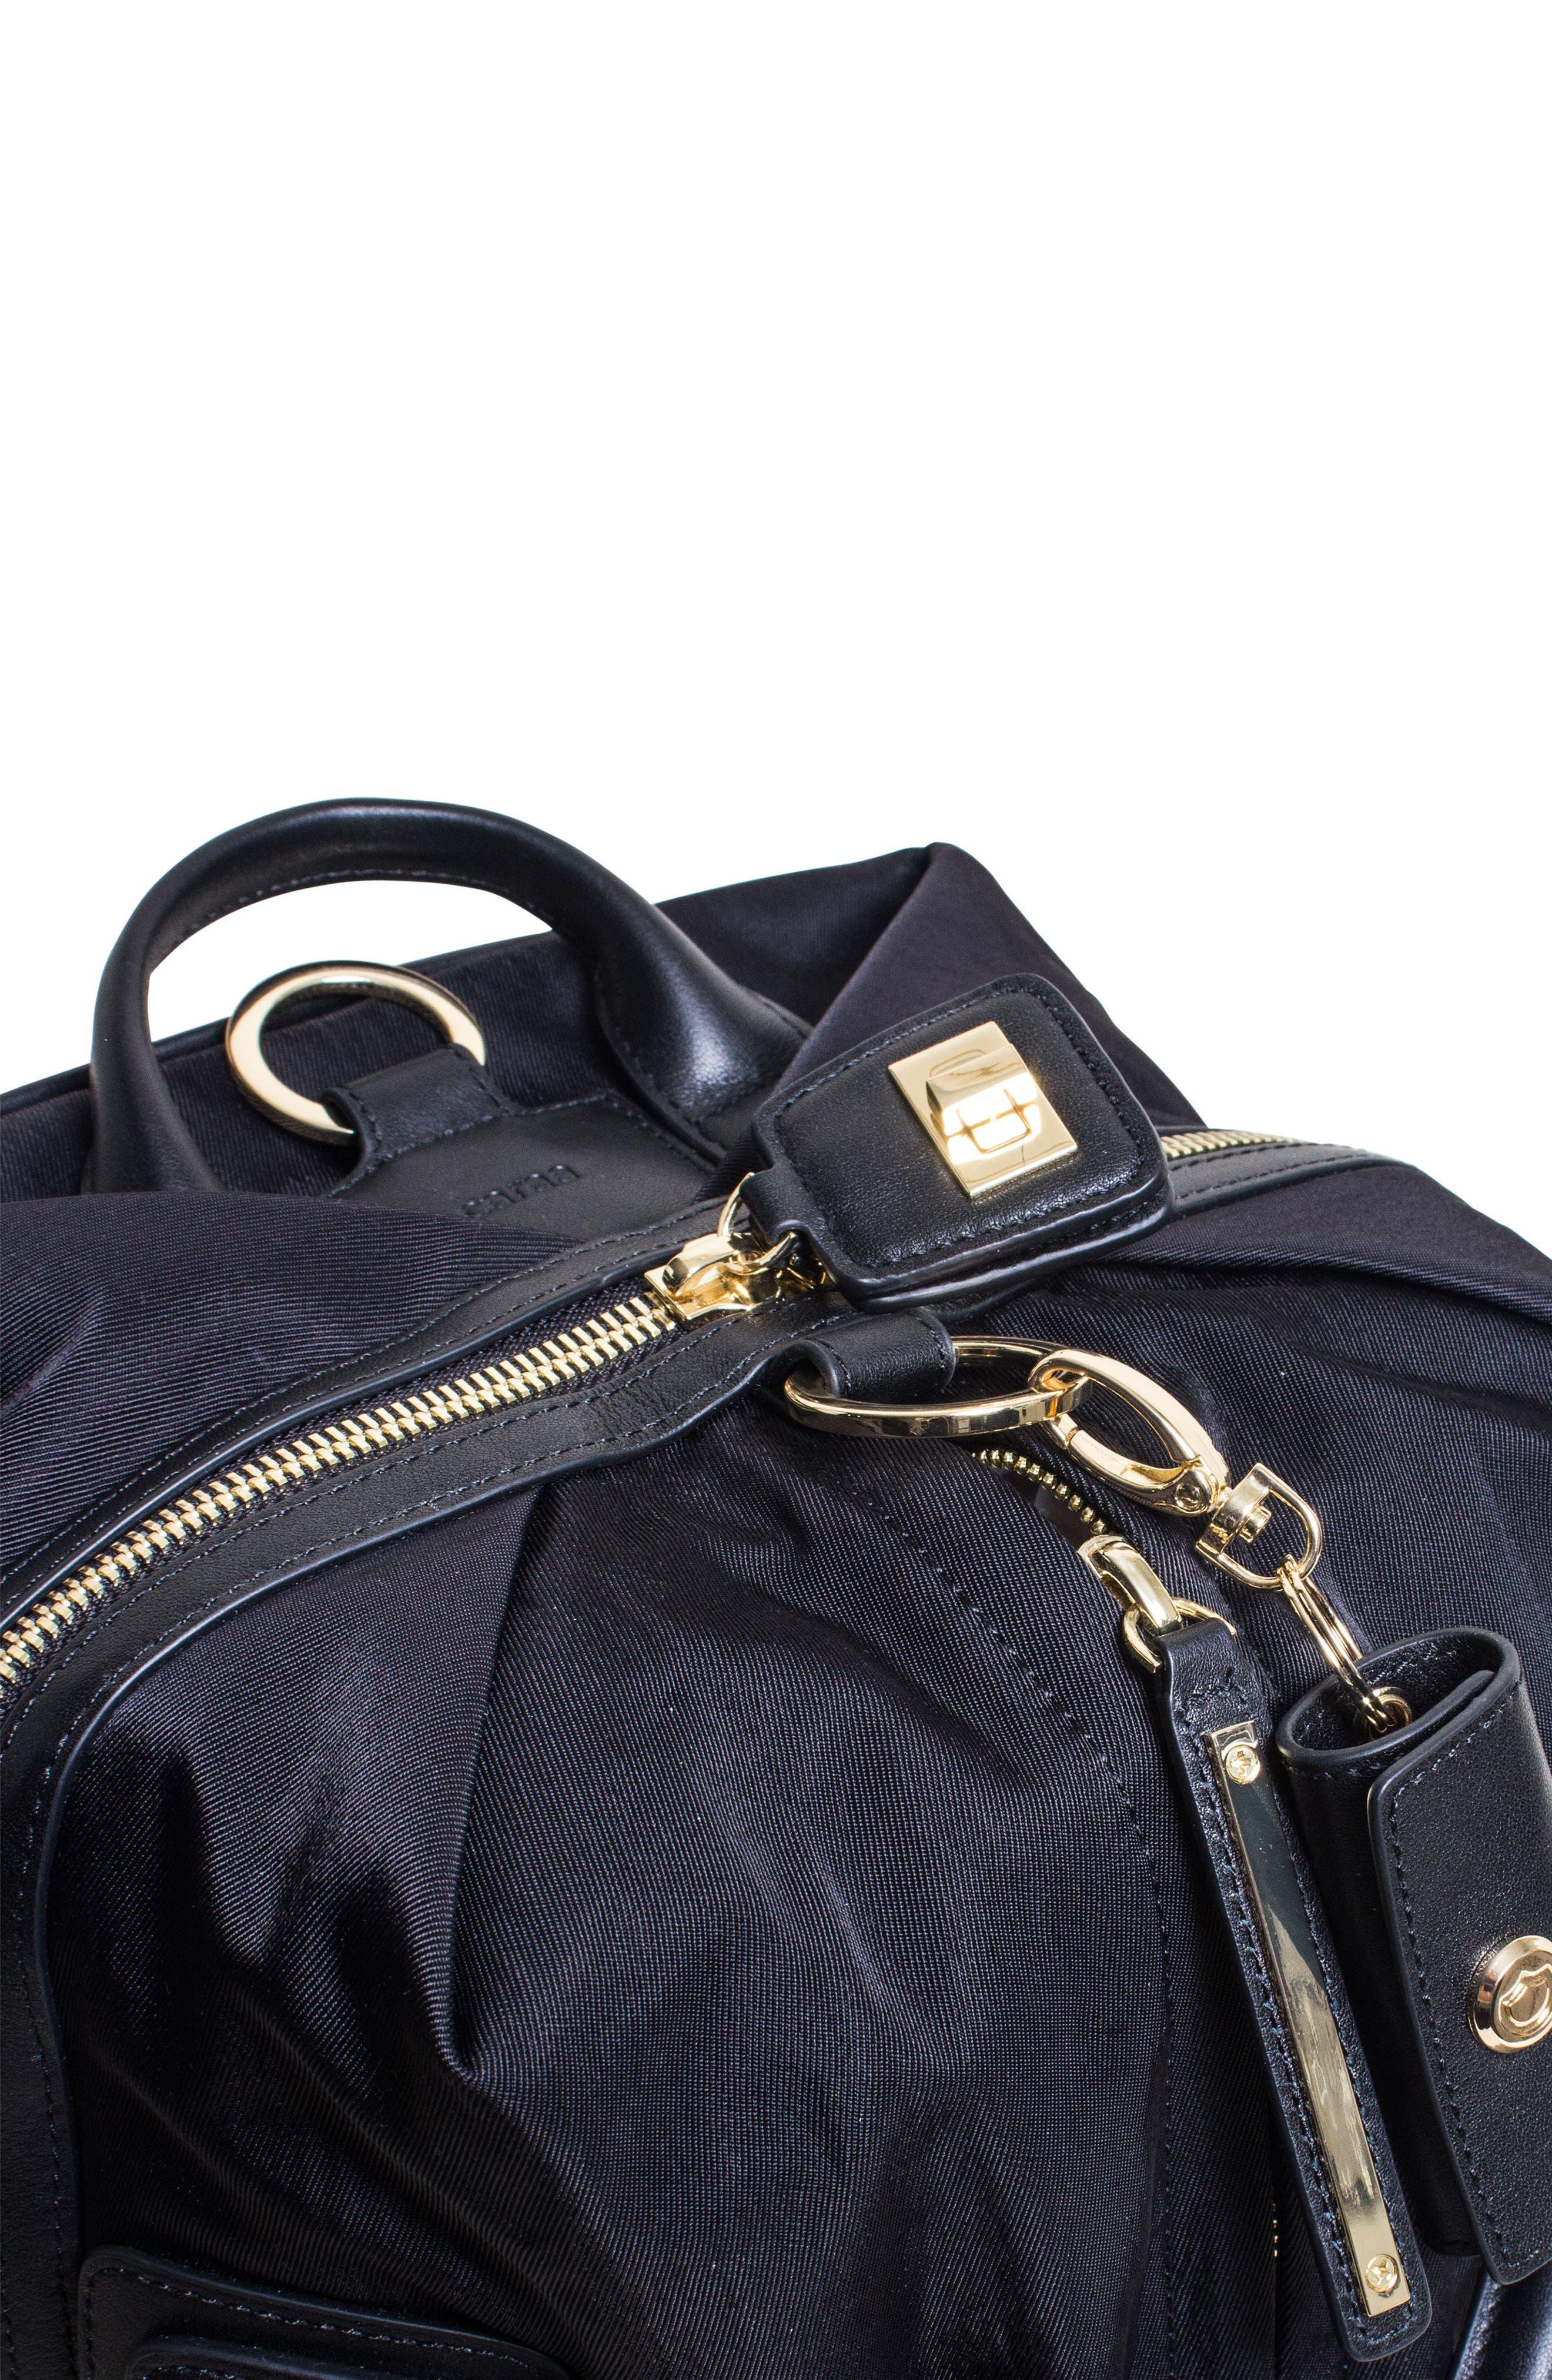 Studio Duffel Backpack,                             Alternate thumbnail 7, color,                             Black